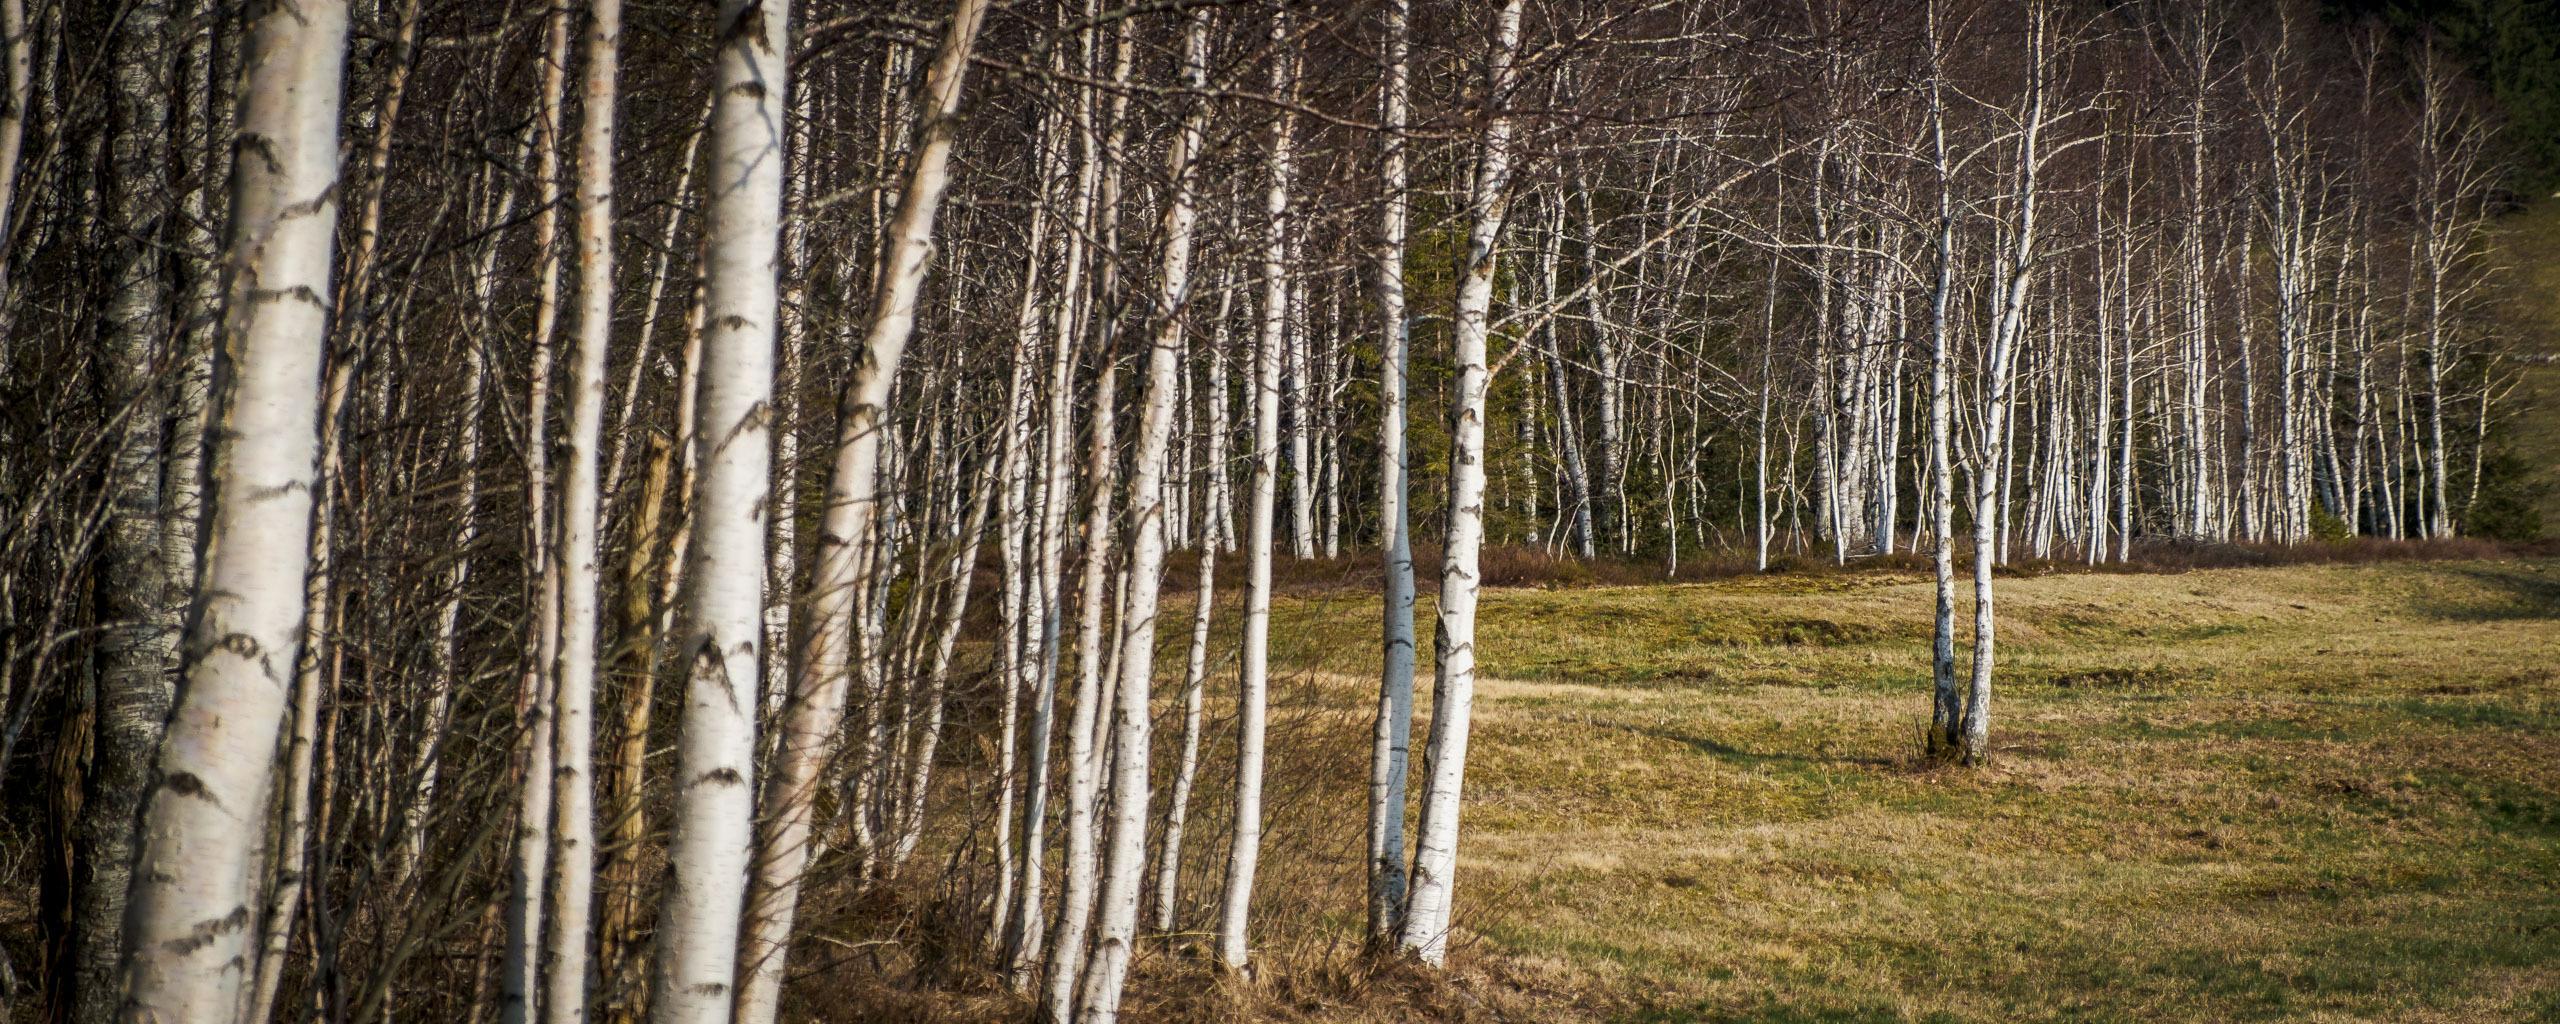 SIlver birch at La Brévine